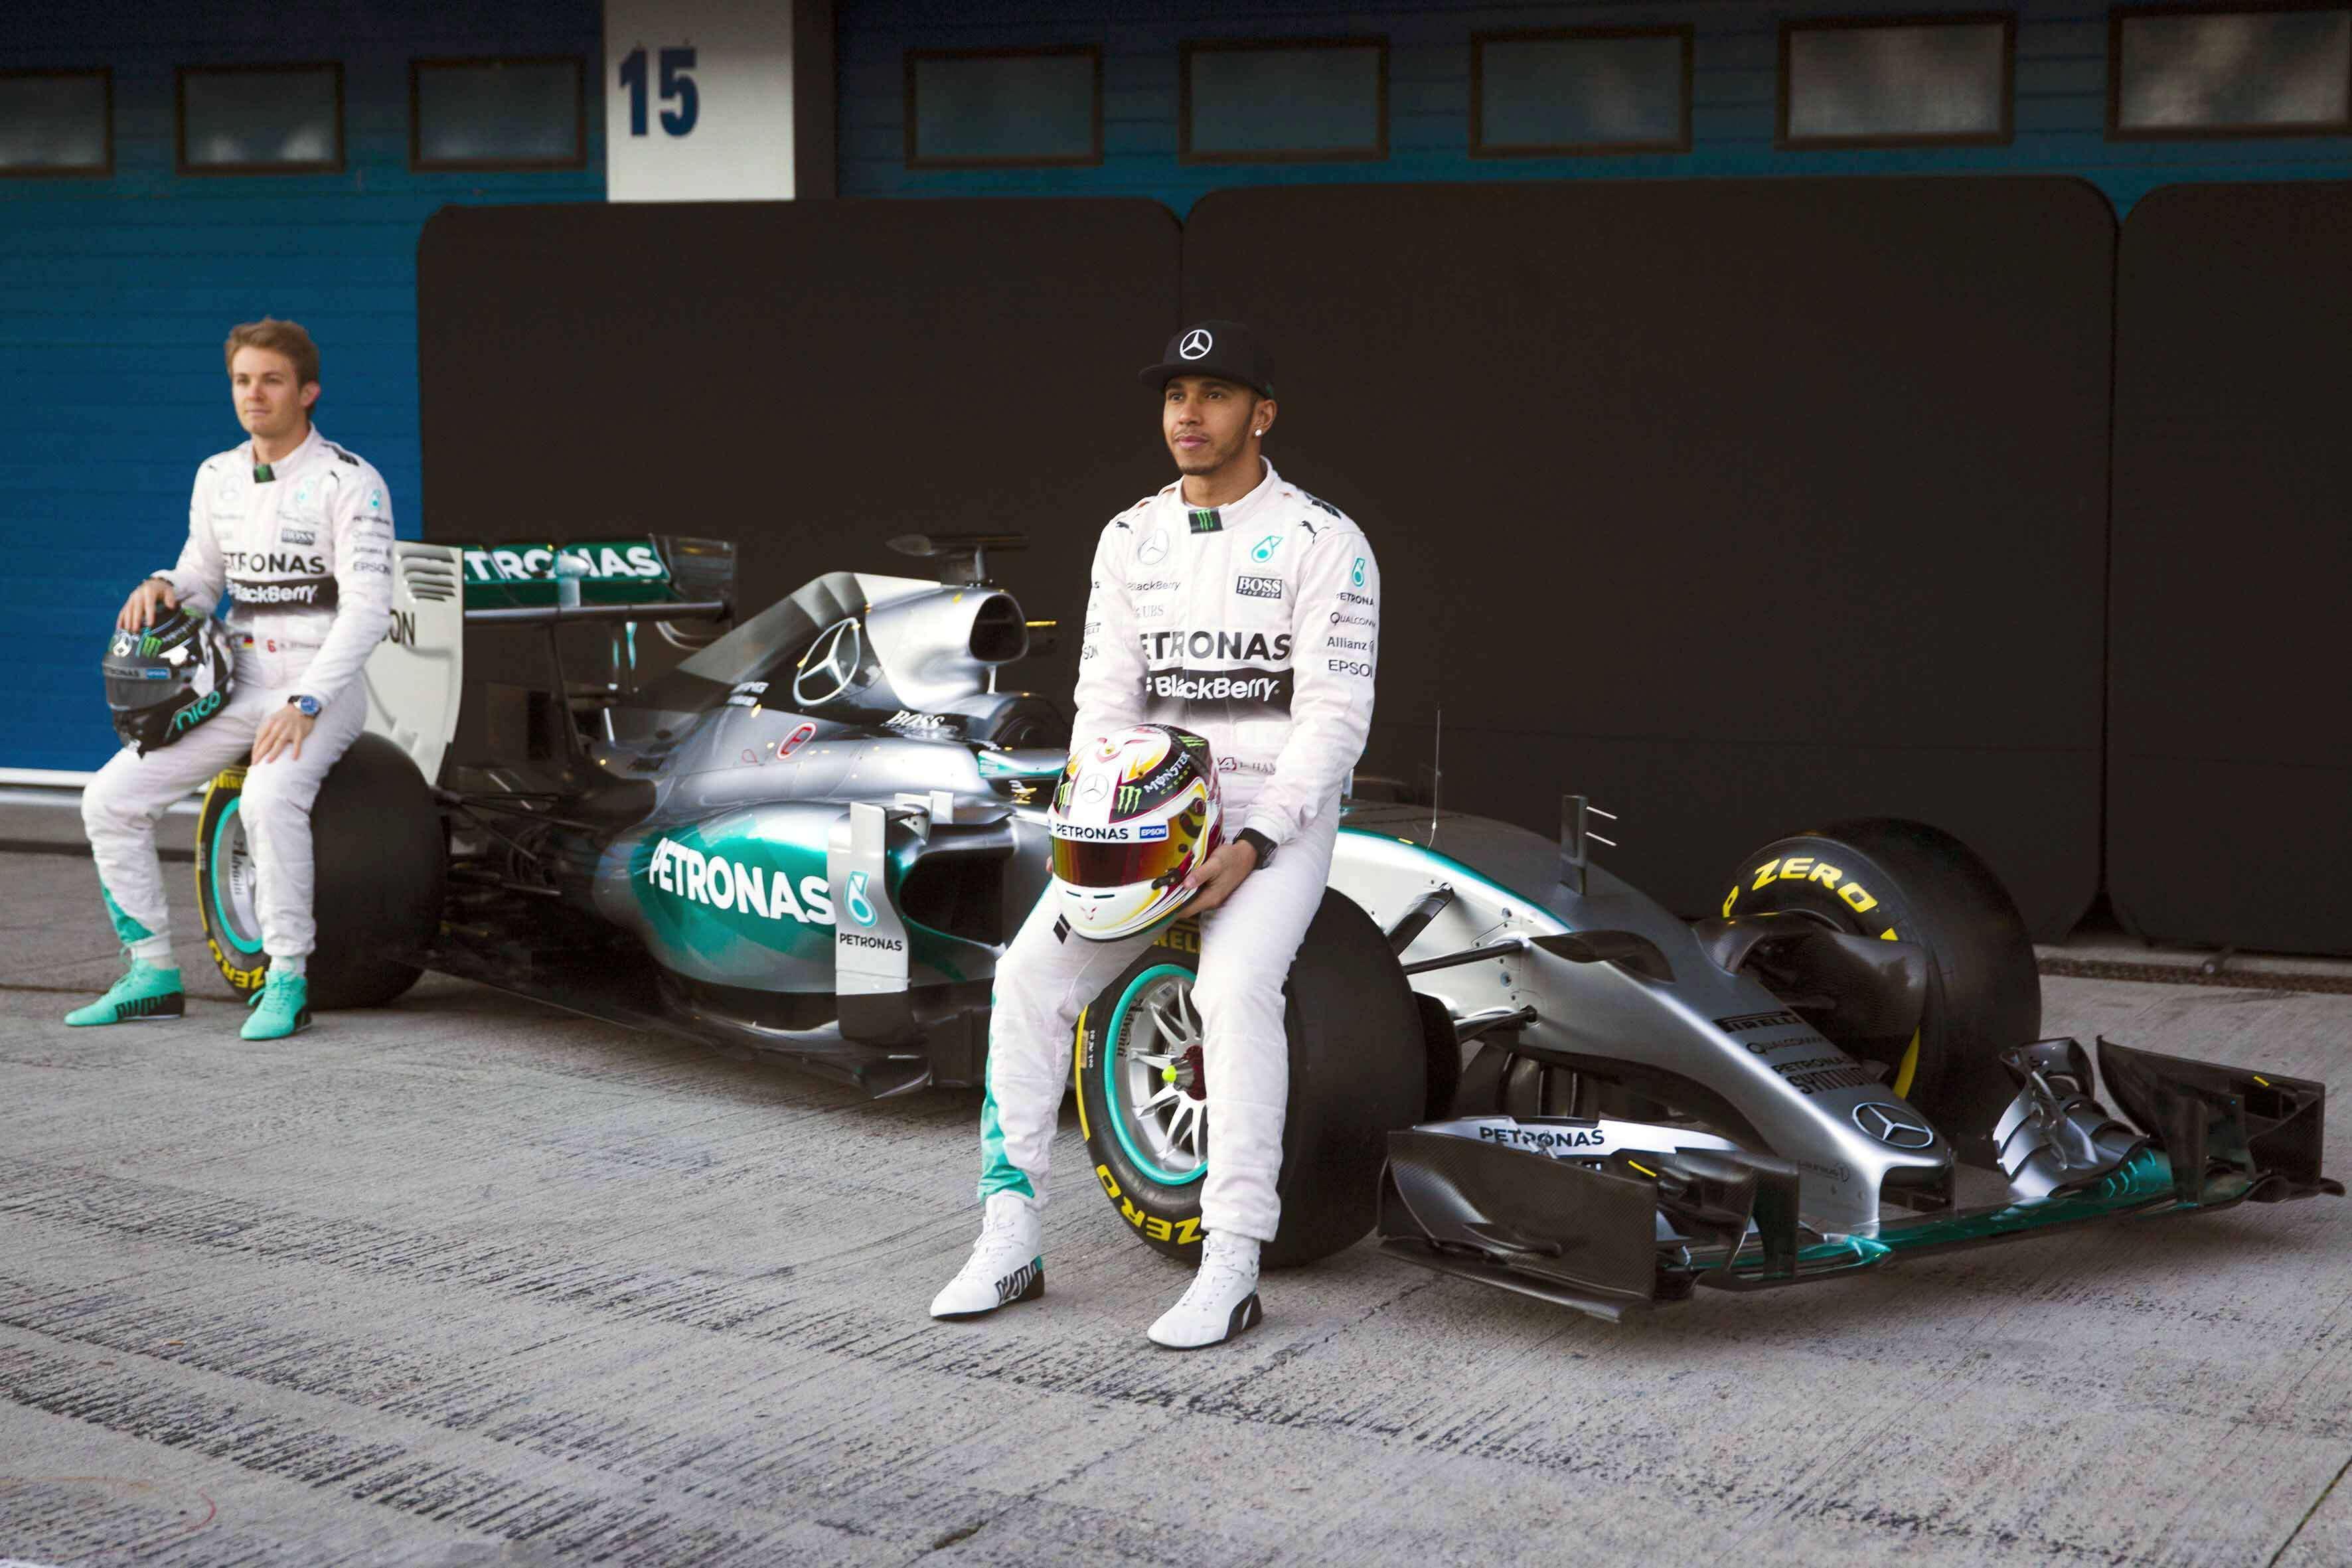 Los pilotos de Formula Uno del equipo Mercedes, el alemán Erik Nico Rosberg (i) y el británico Lewis Hamilton, junto a su nuevo monoplaza W06 durante la presentación esta mañana en el Circuito de Jerez de la Frontera (Cádiz). Foto: EFE en español